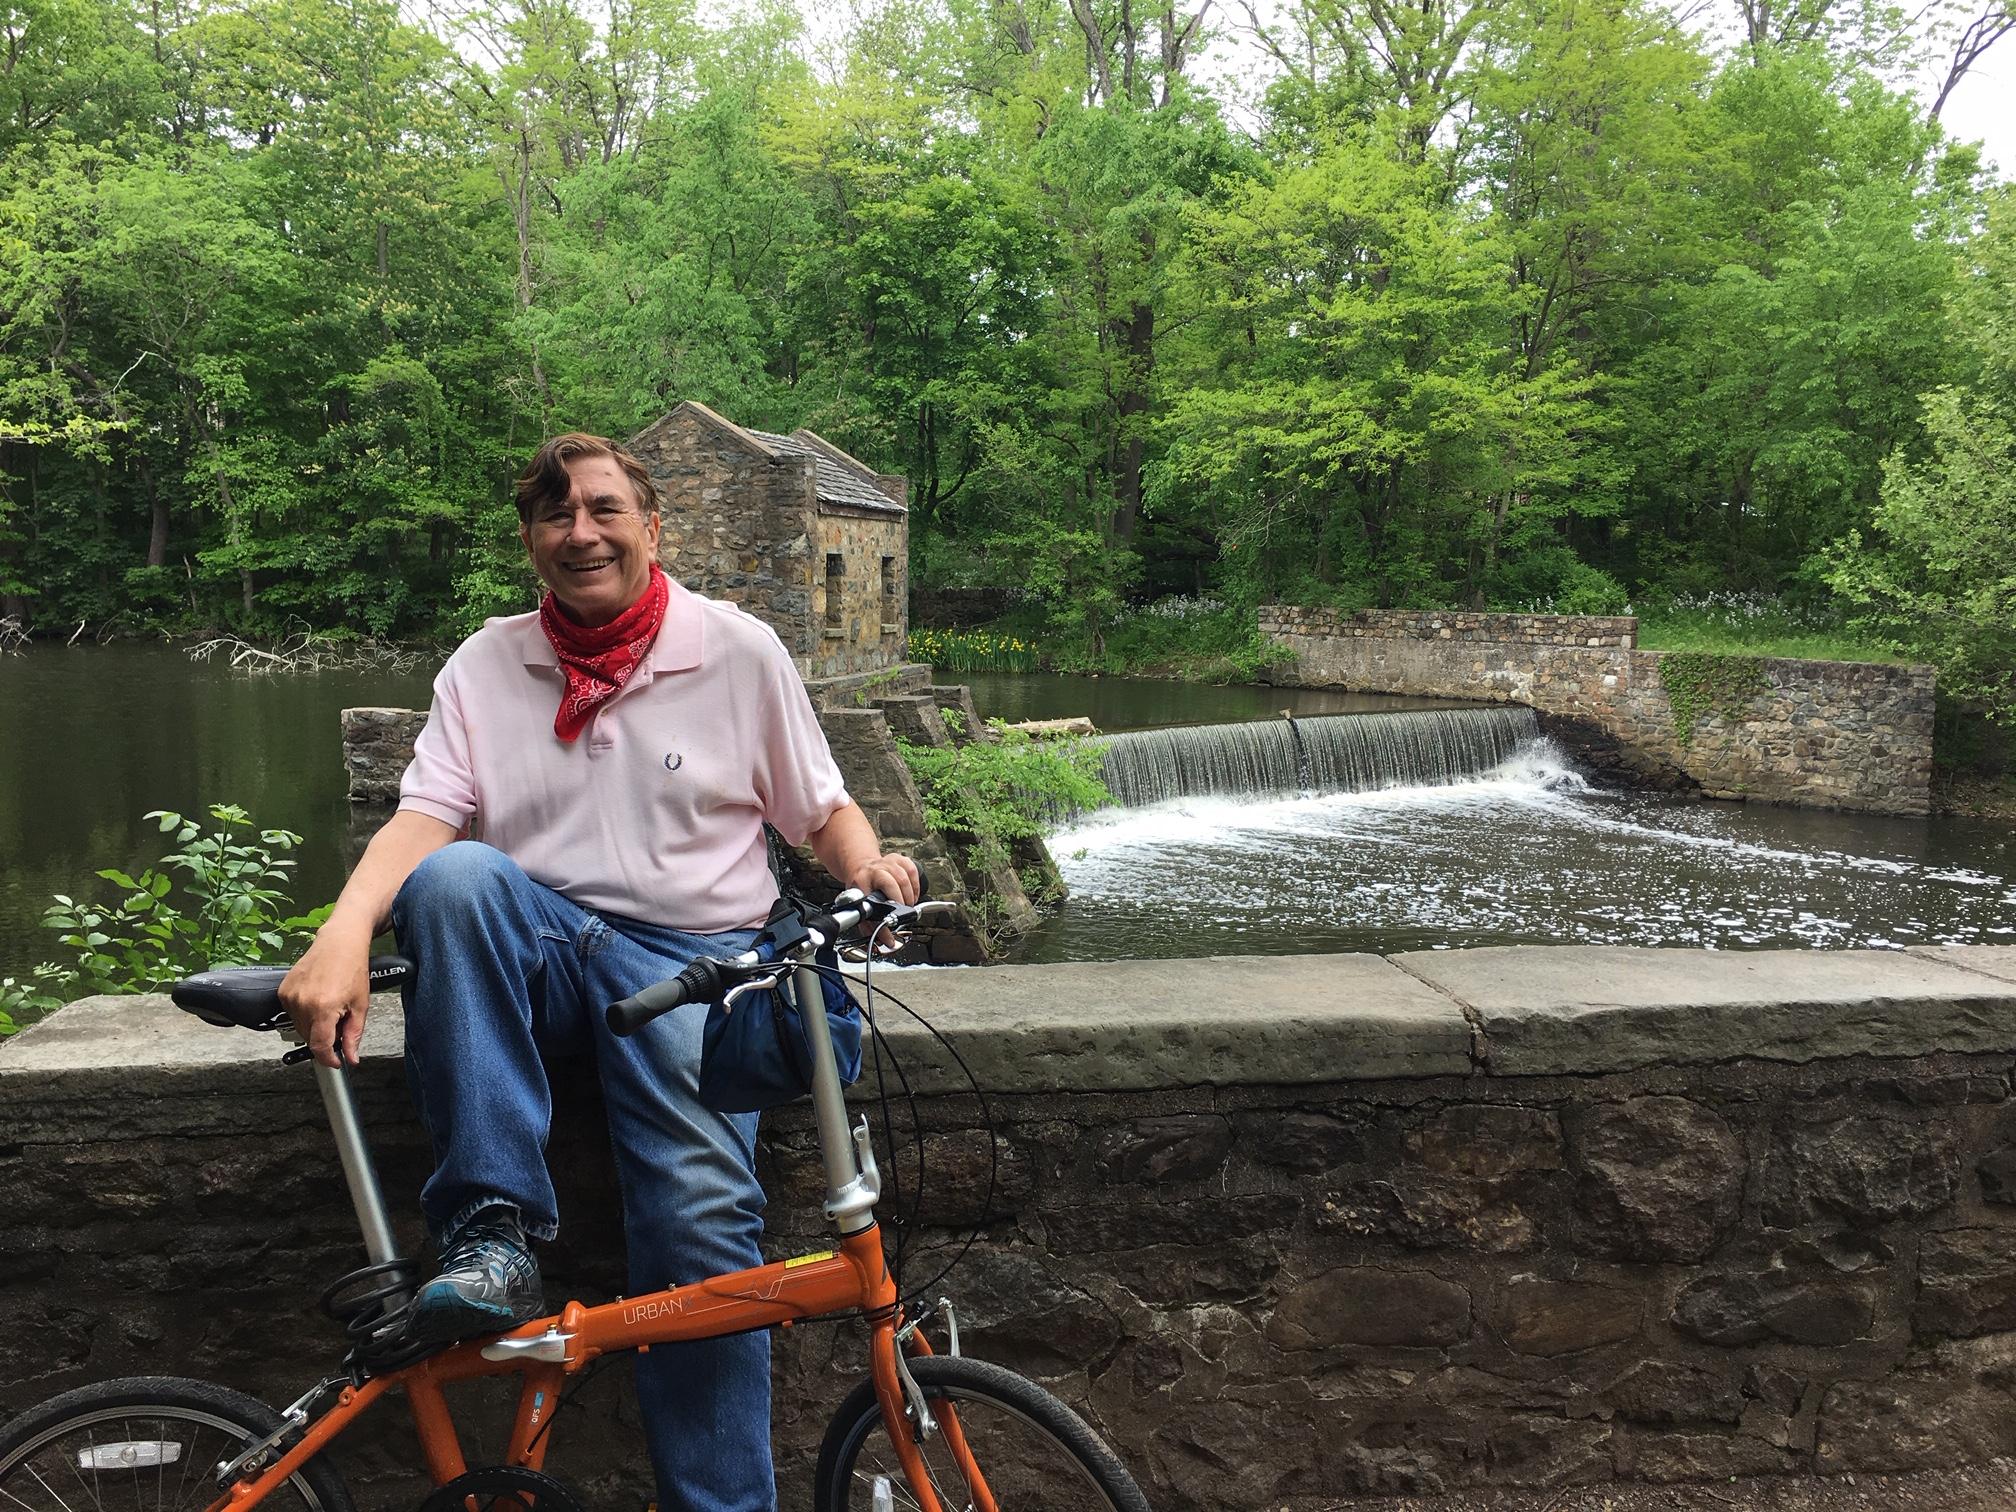 Biking in NJ, May, 2020